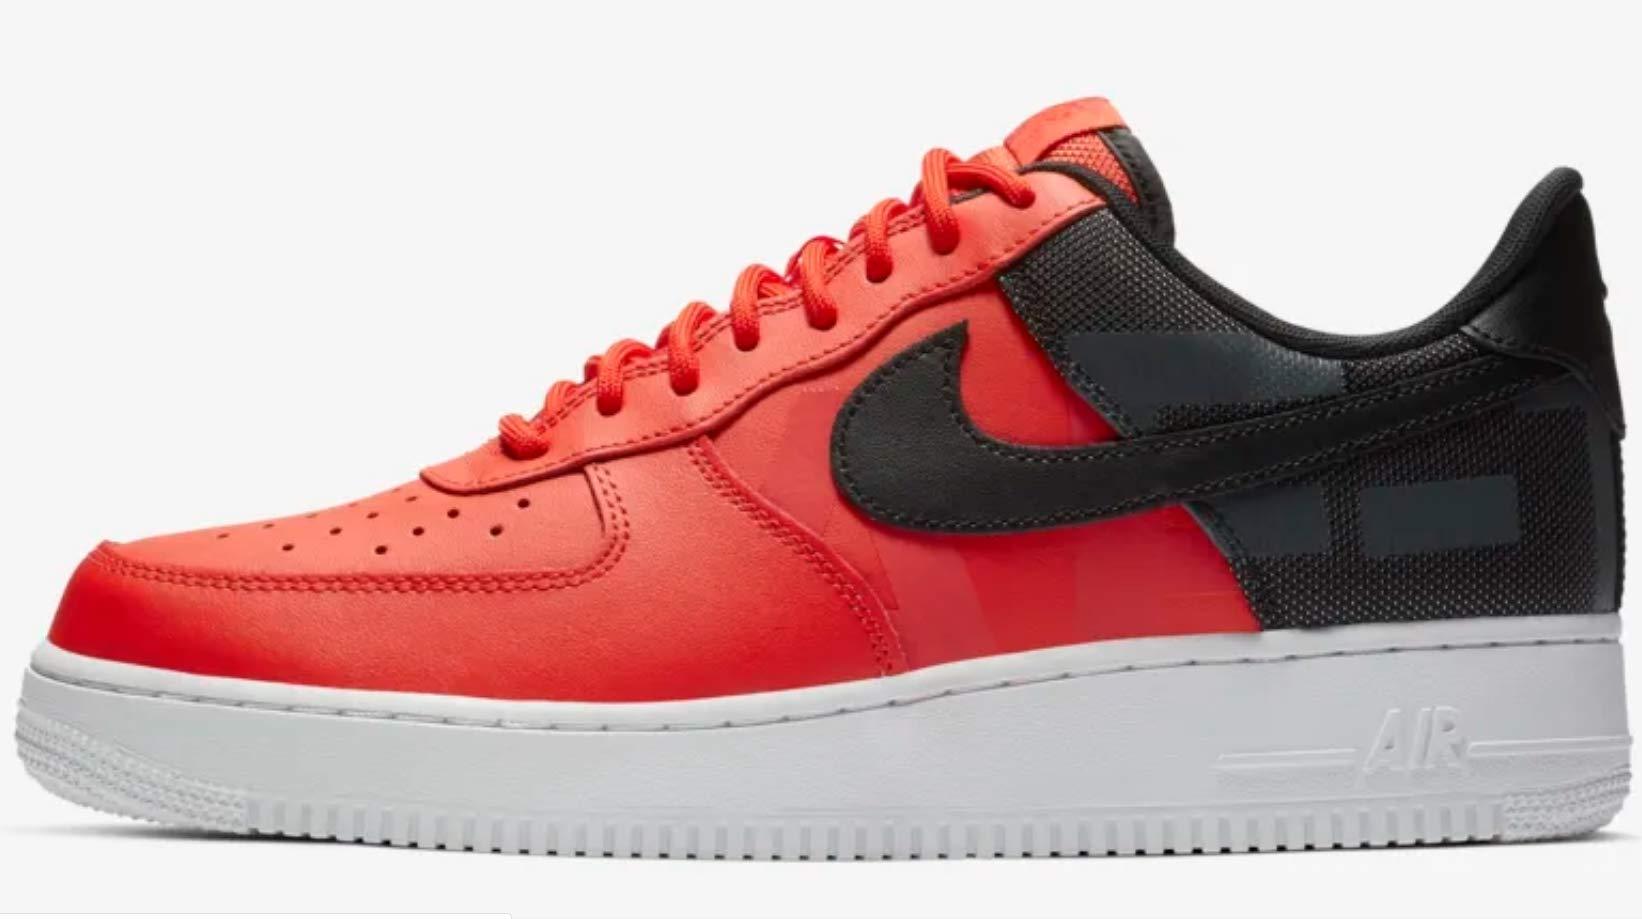 hot sale online eaca0 00d8e Galleon - Nike Air Force 1  07 Lv8 Mens Av8363-600 Size 15